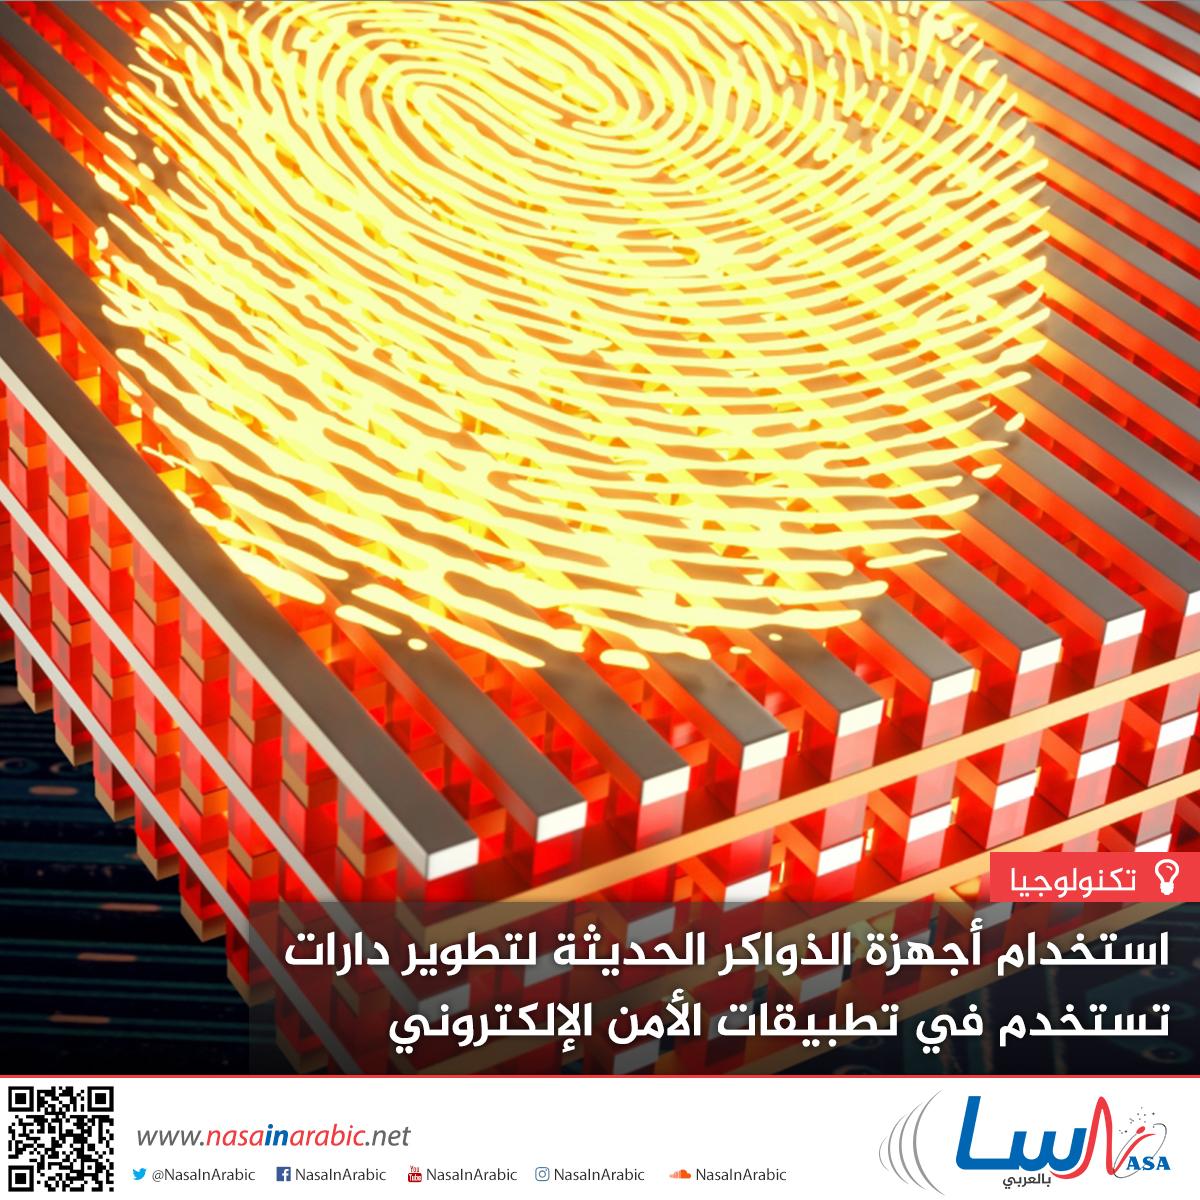 استخدام أجهزة الذواكر الحديثة لتطوير دارات تستخدم في تطبيقات الأمن الإلكتروني